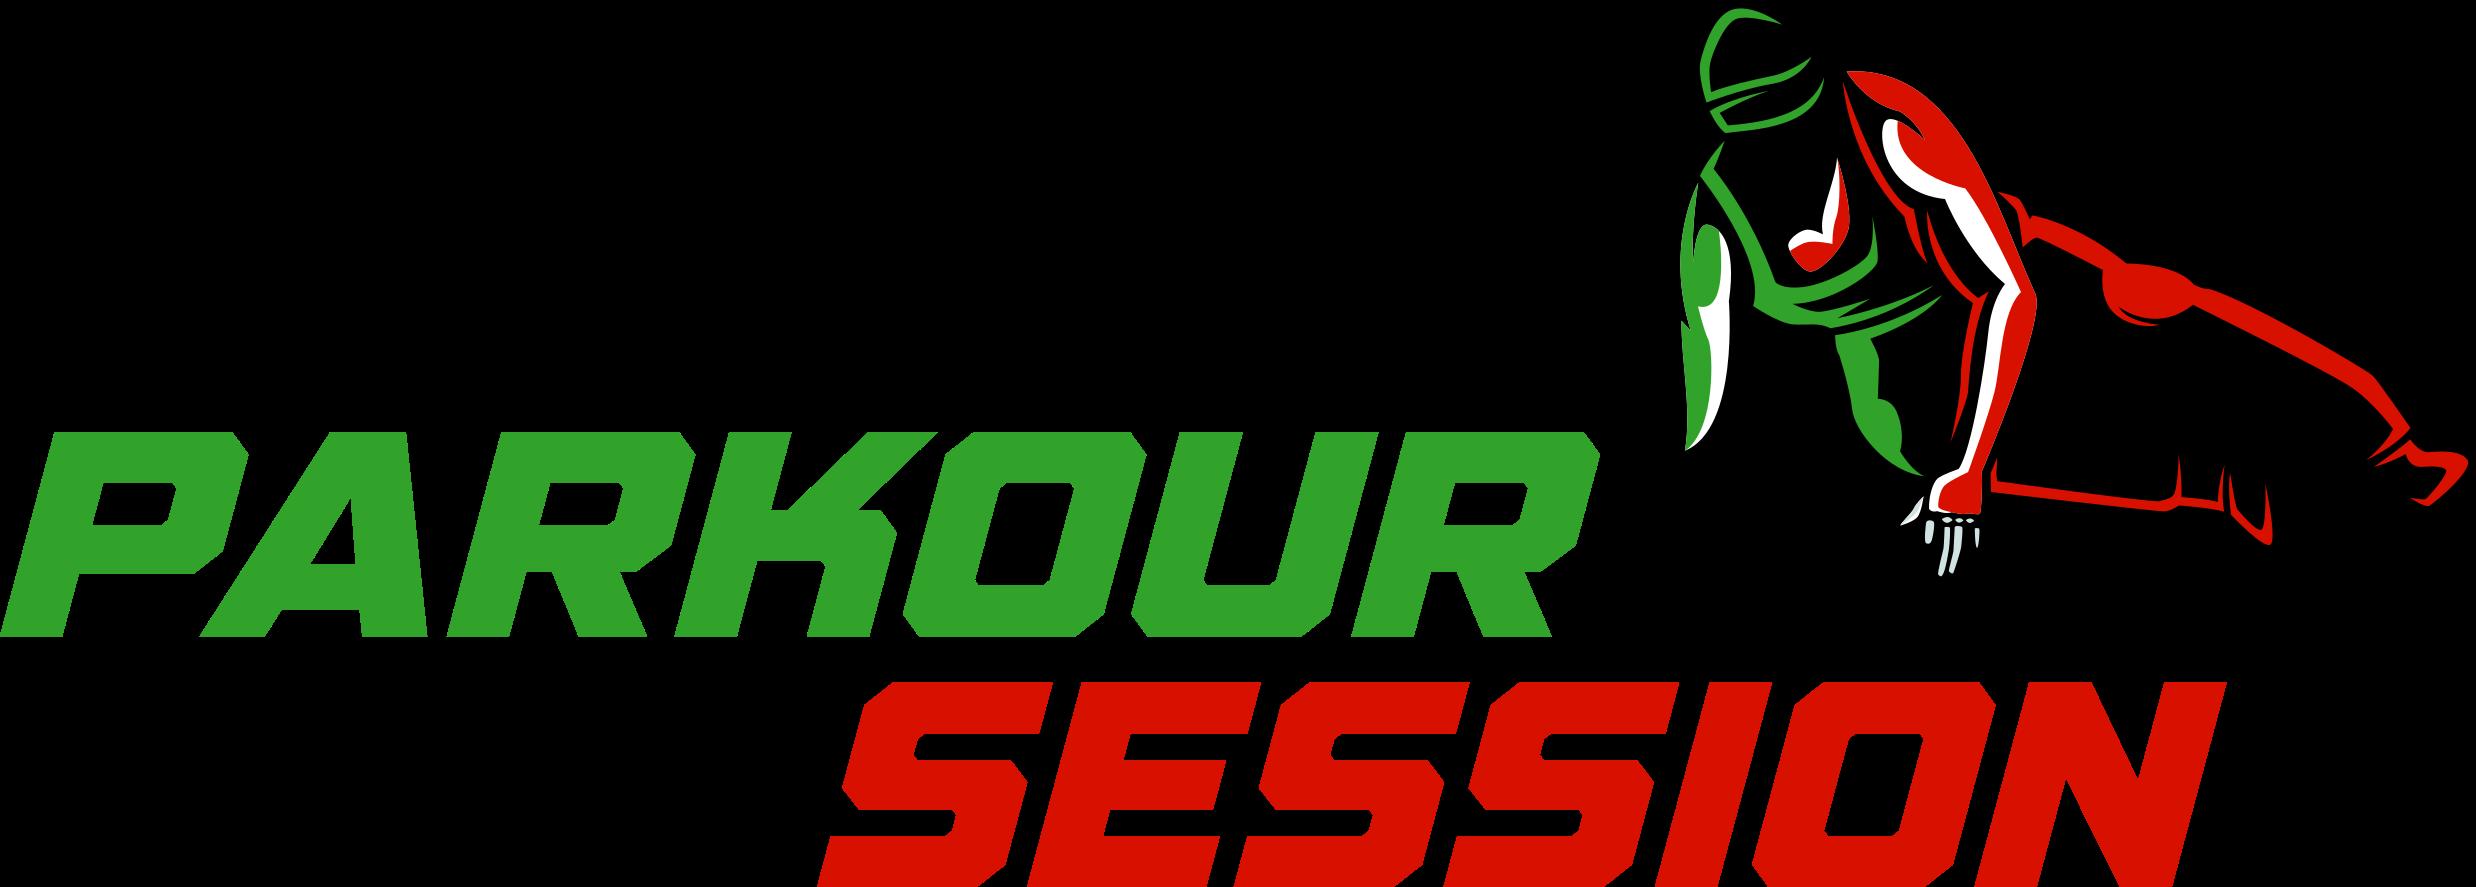 Parkour Session Logo Transparent